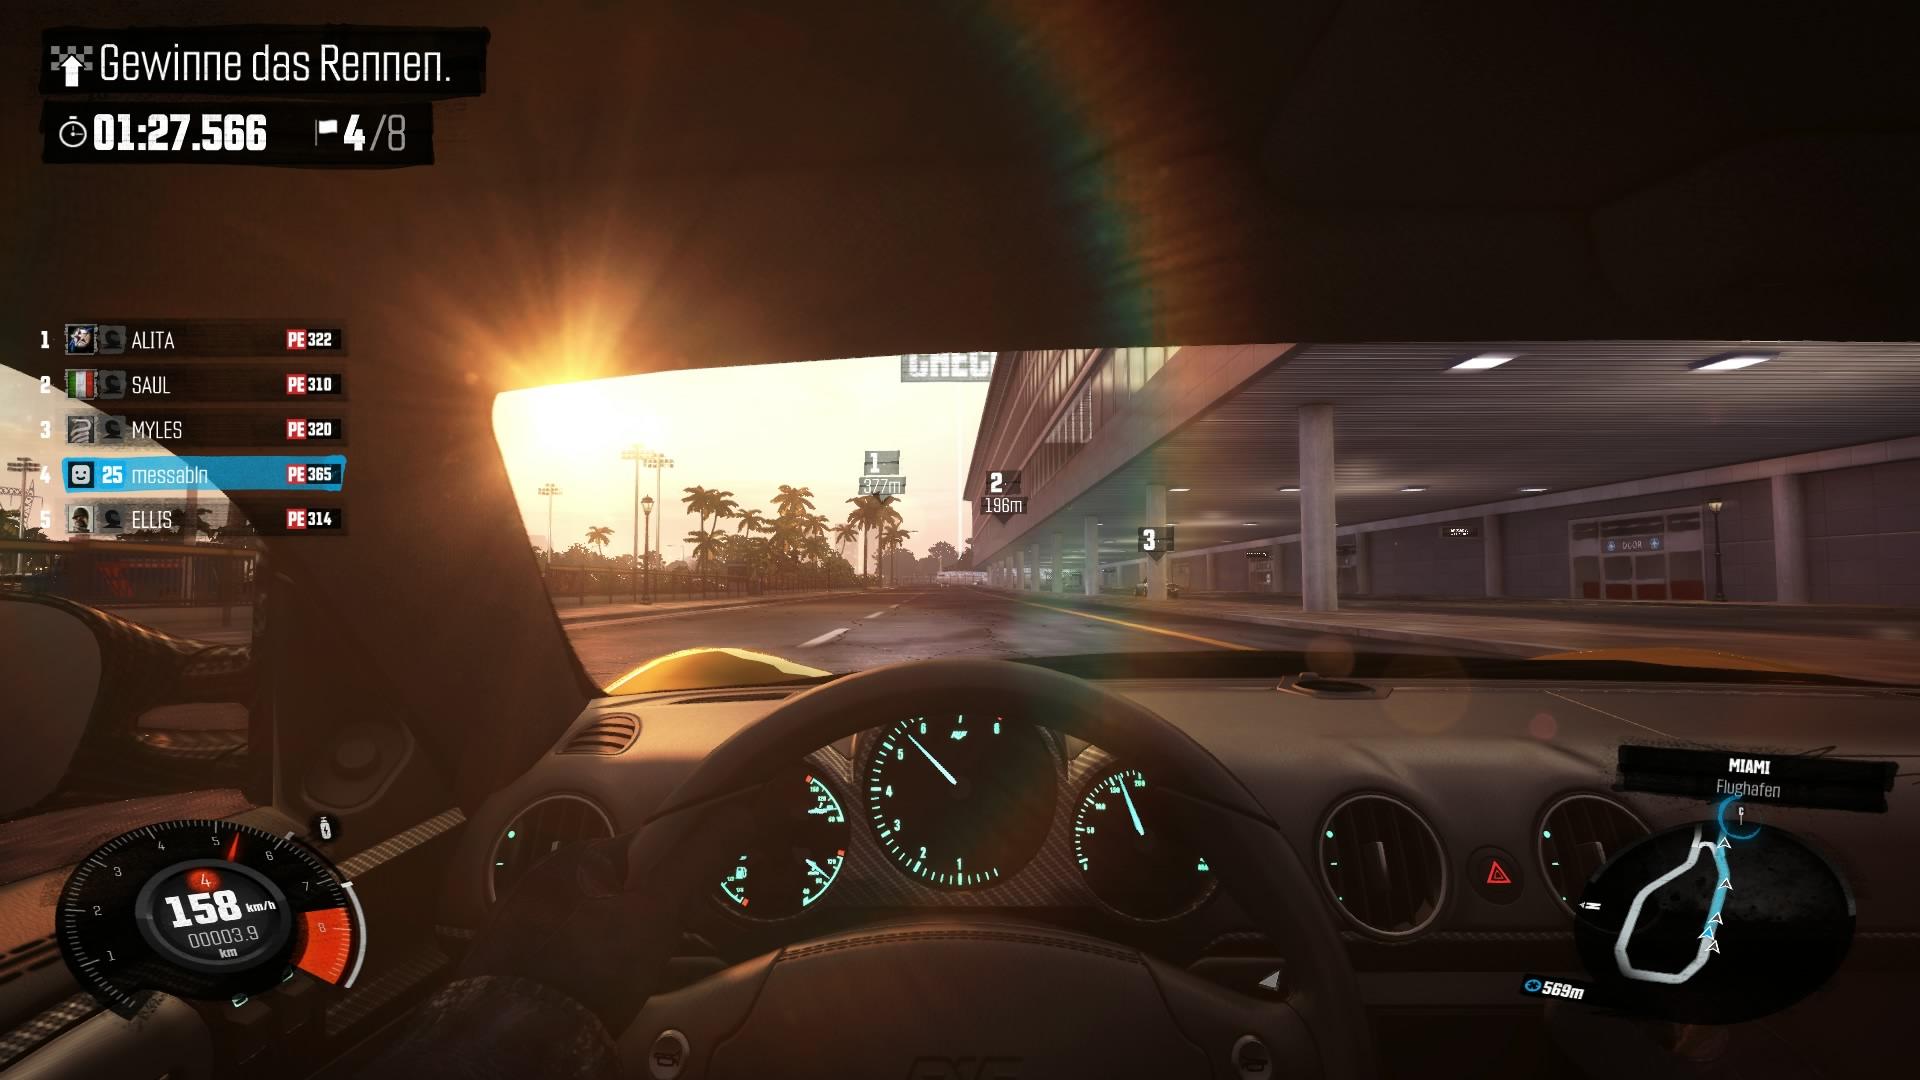 The Crew - In der Cockpit-Perspektive schaut man in die Spiegel ins Leere.